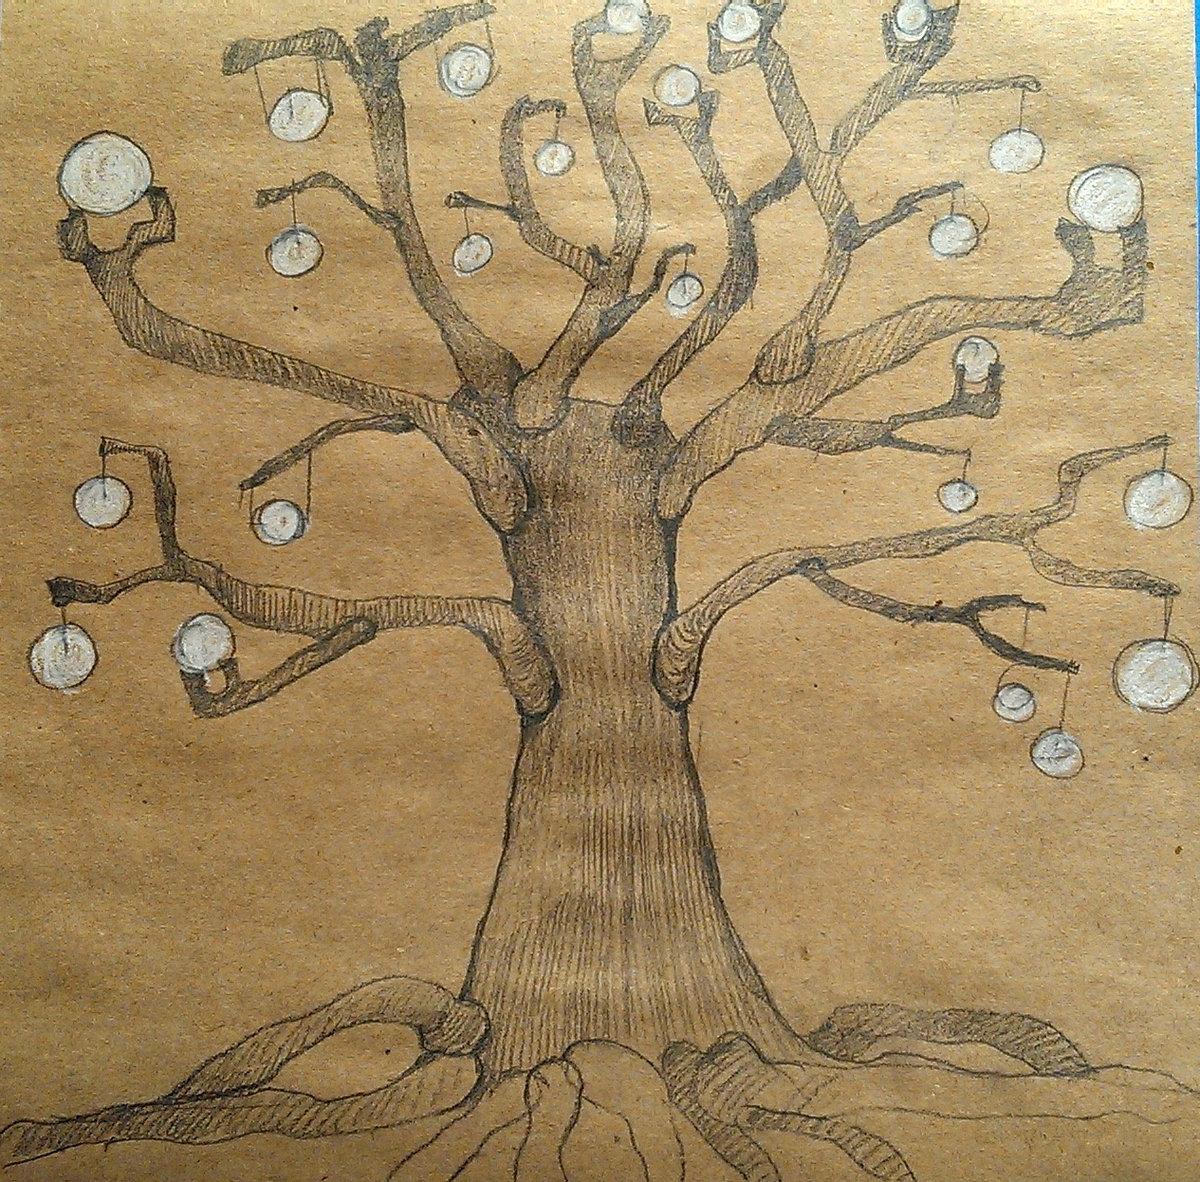 только пройдет рисунок дерева интерпретация фото же, сделала